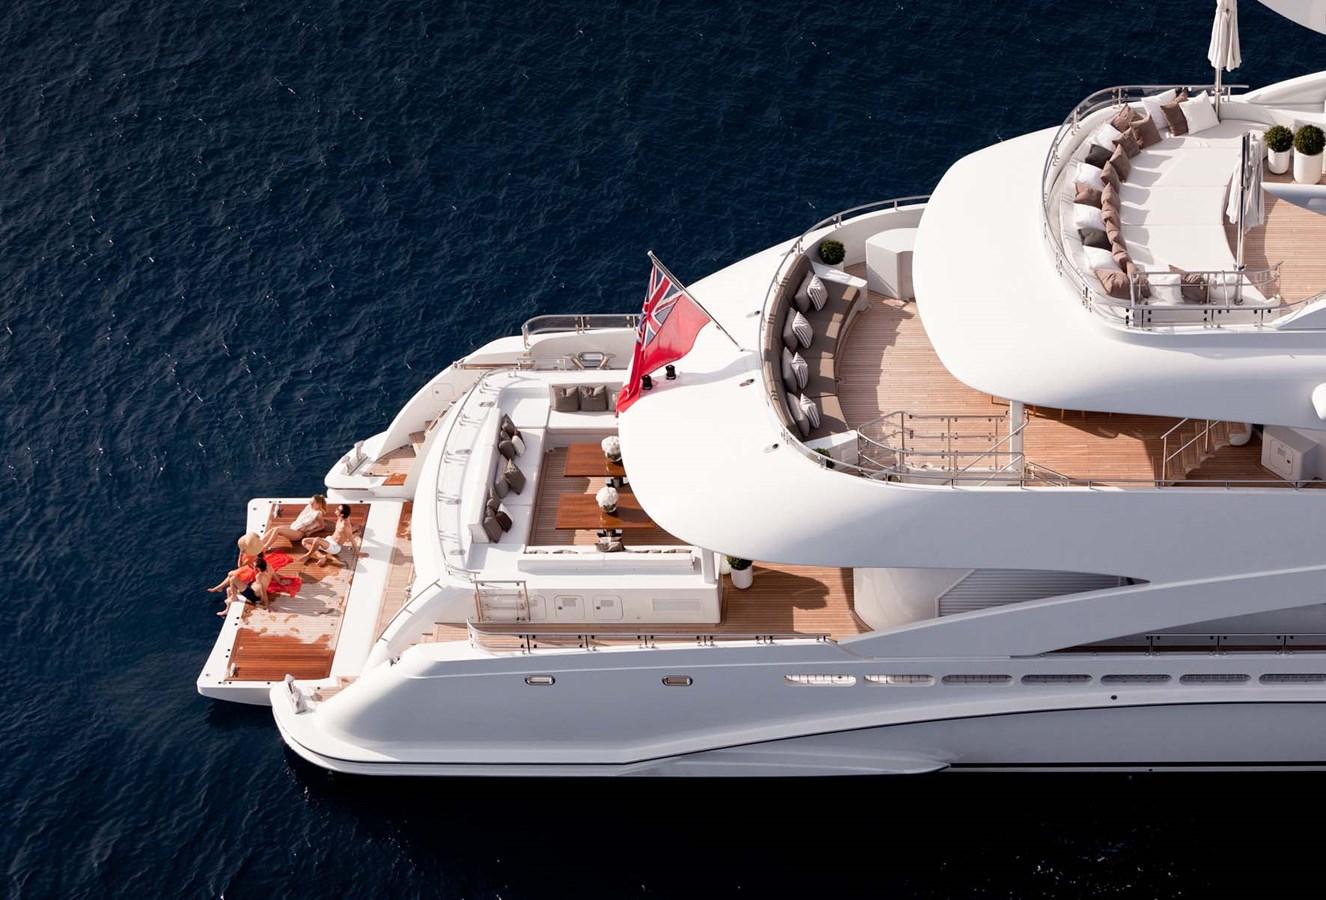 HAYKEN Aft 2014 HEESEN YACHTS 5000 Aluminium  Motor Yacht 2691200